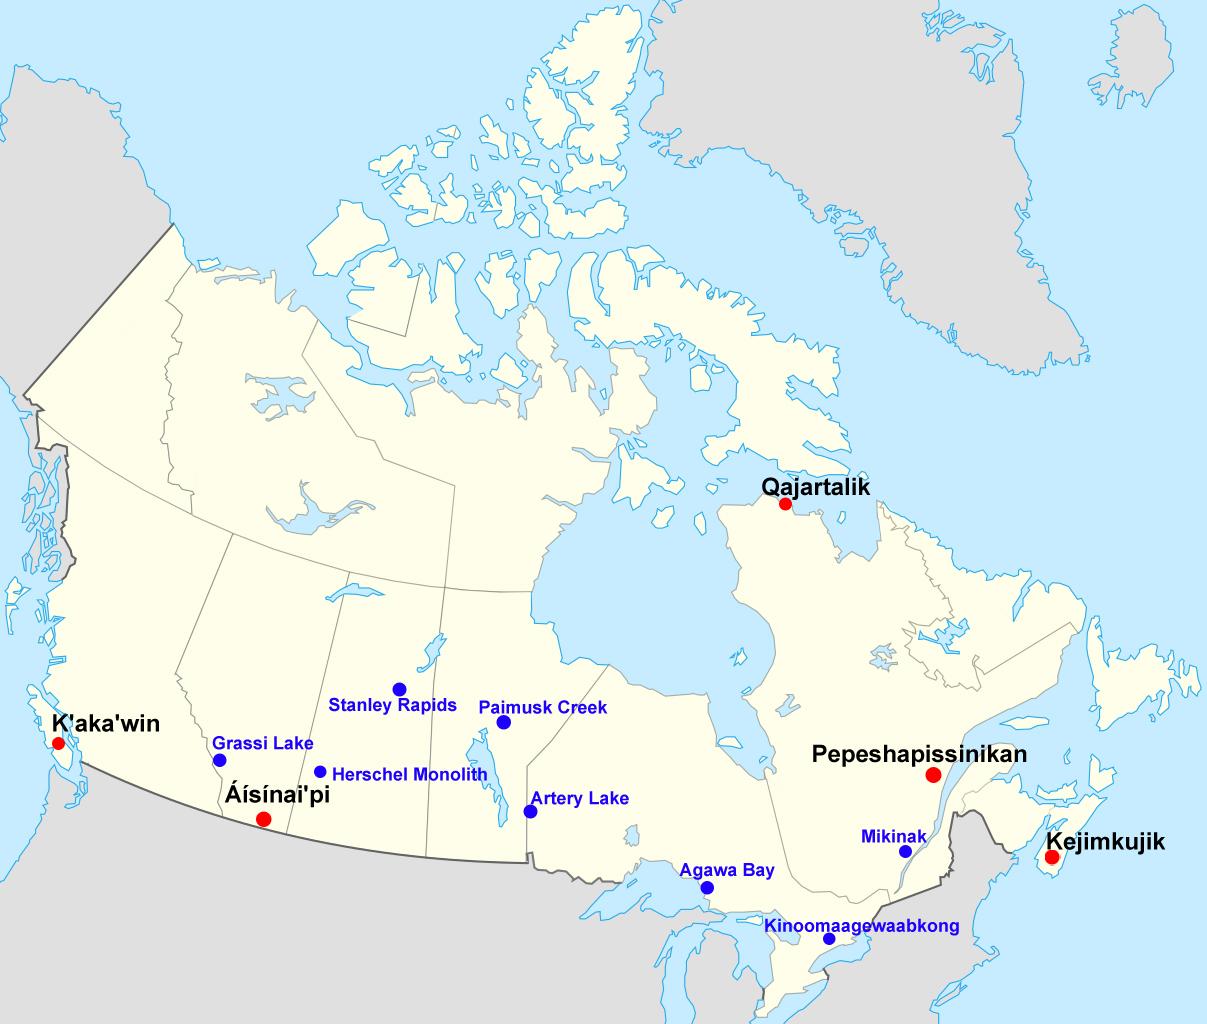 Carte du Canada où sont localisés certains sites rupestres